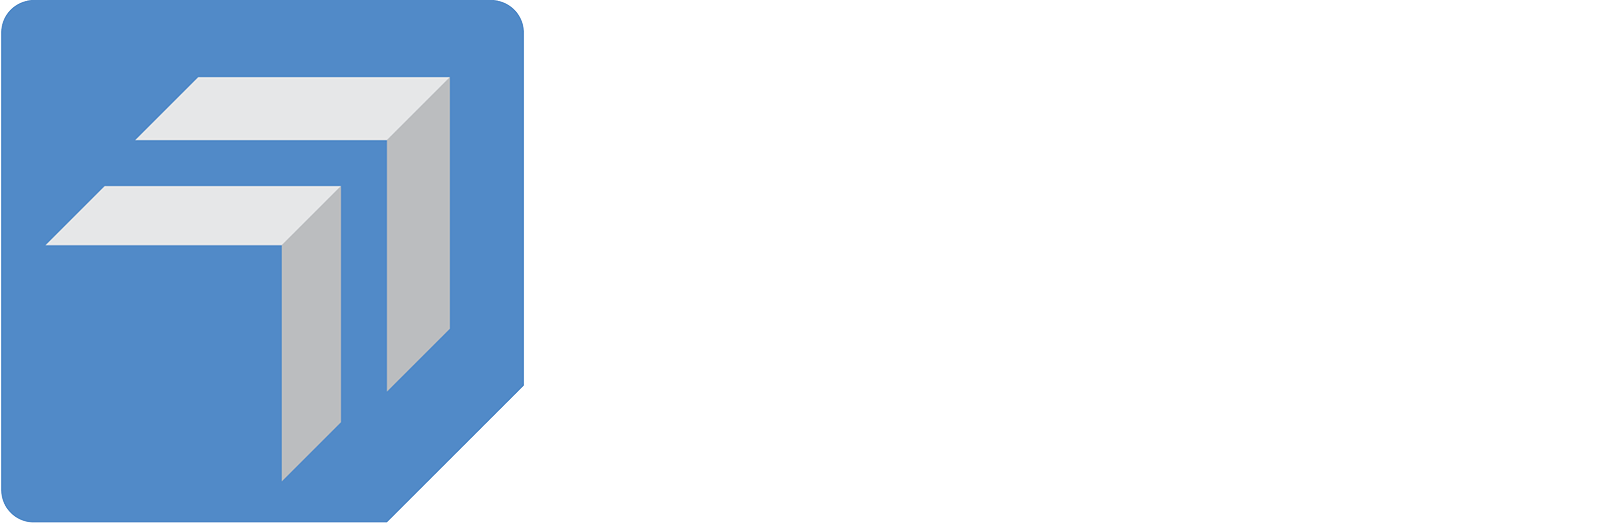 Stewart Management and Planning